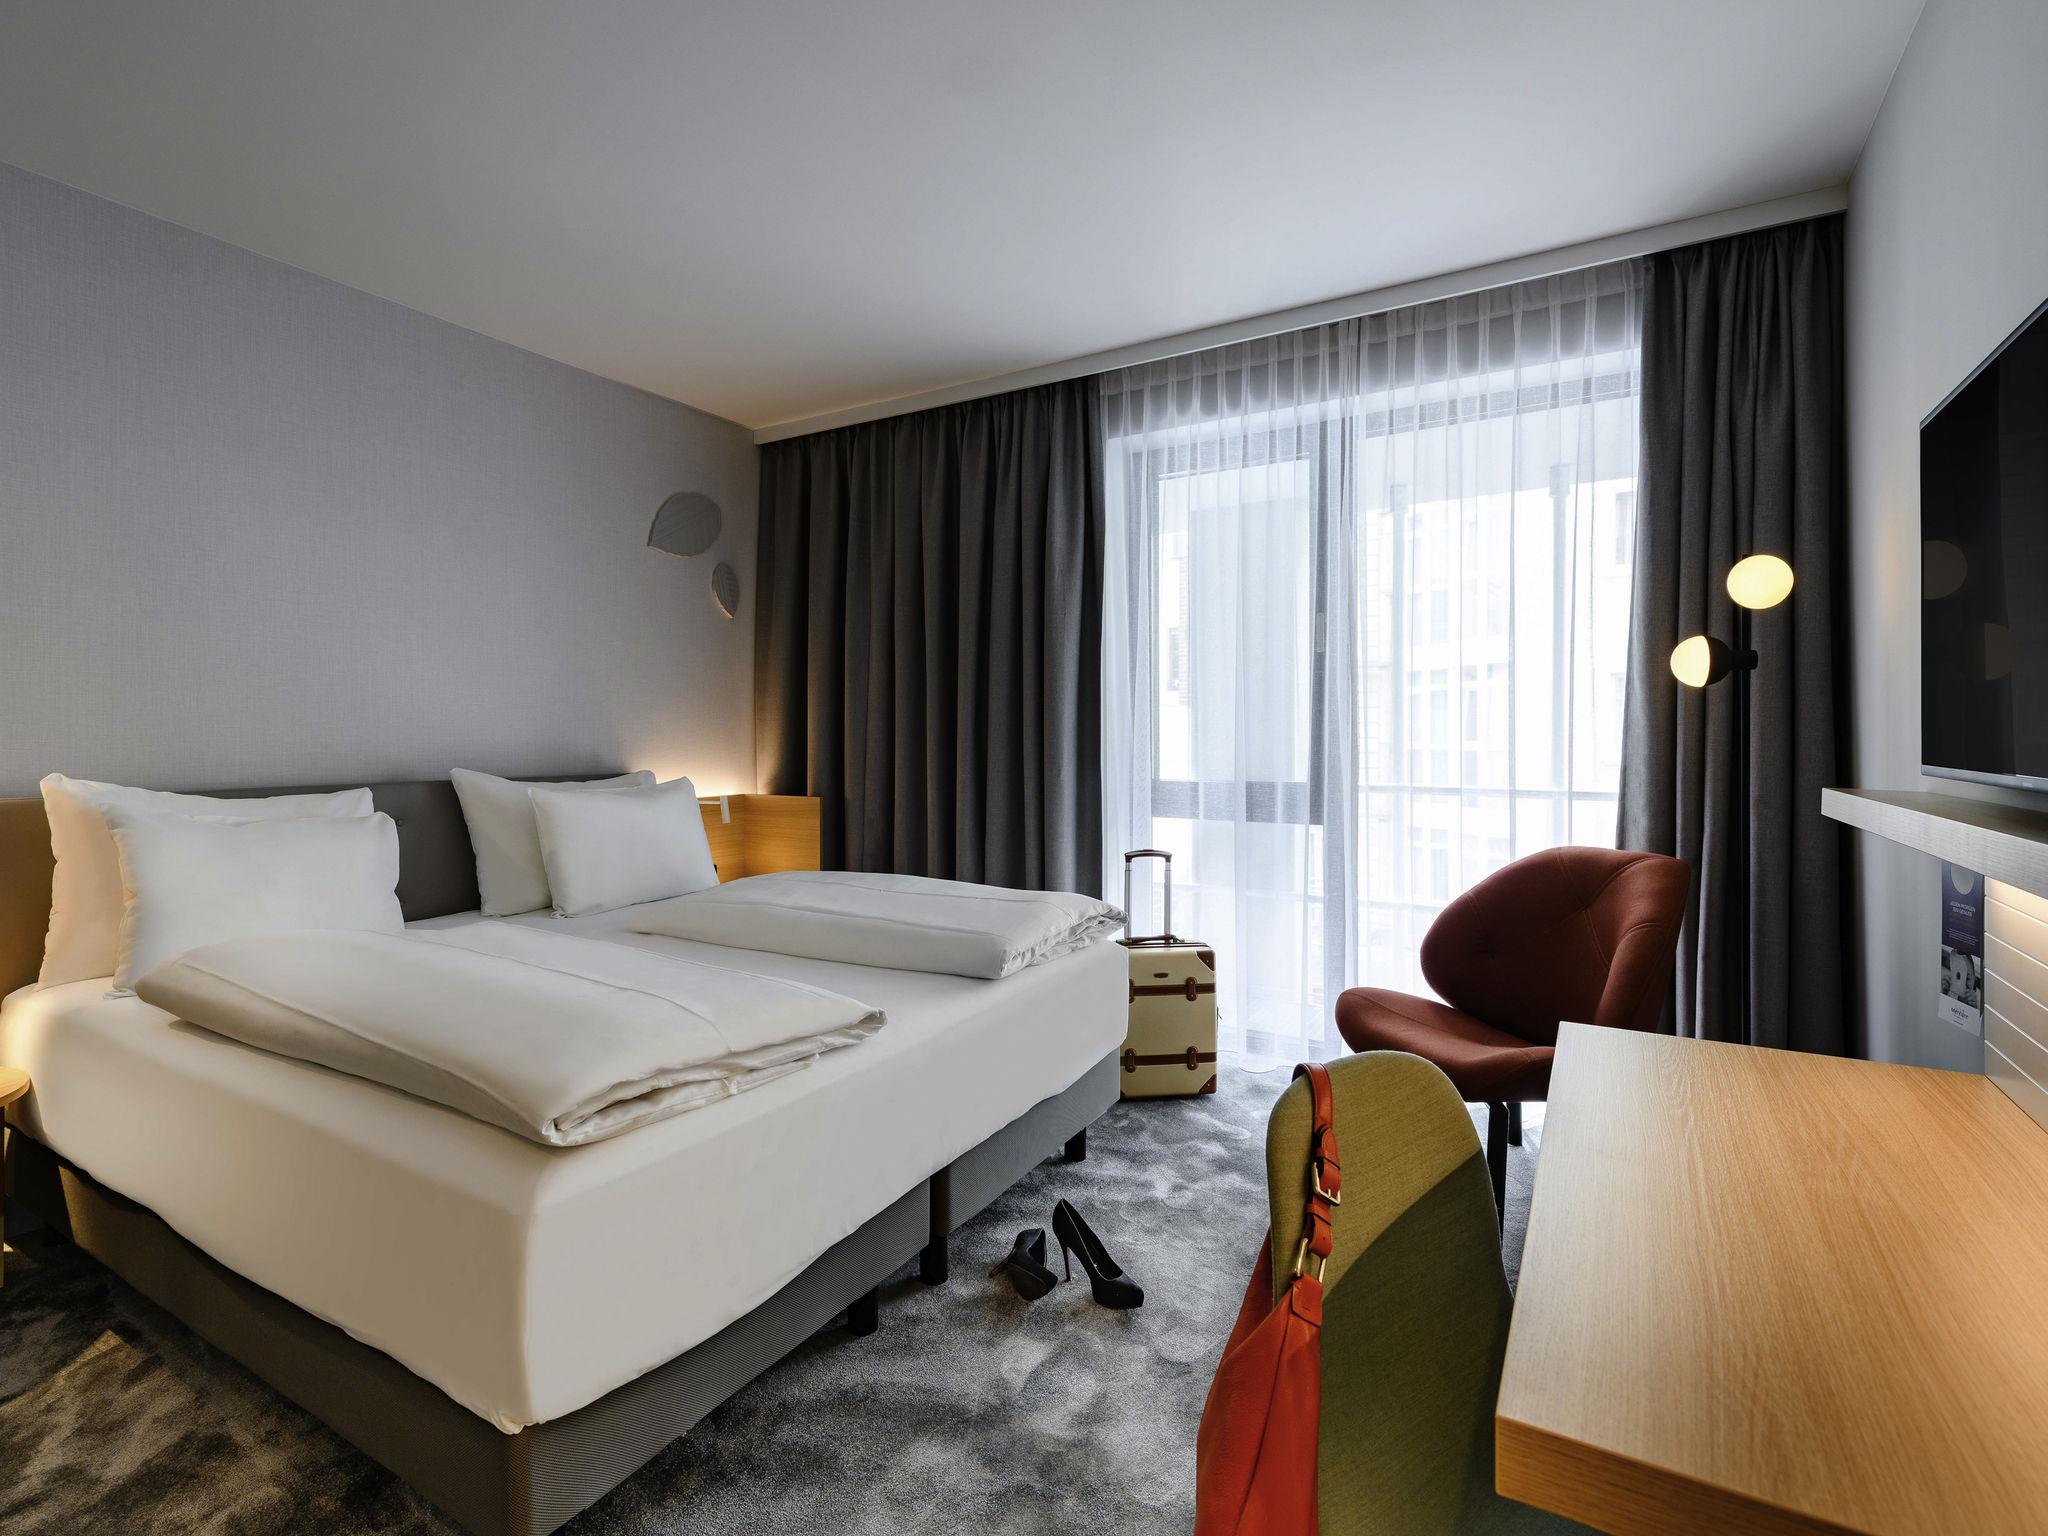 فندق - فندق مركيور Mercure مونشن شوابنغ